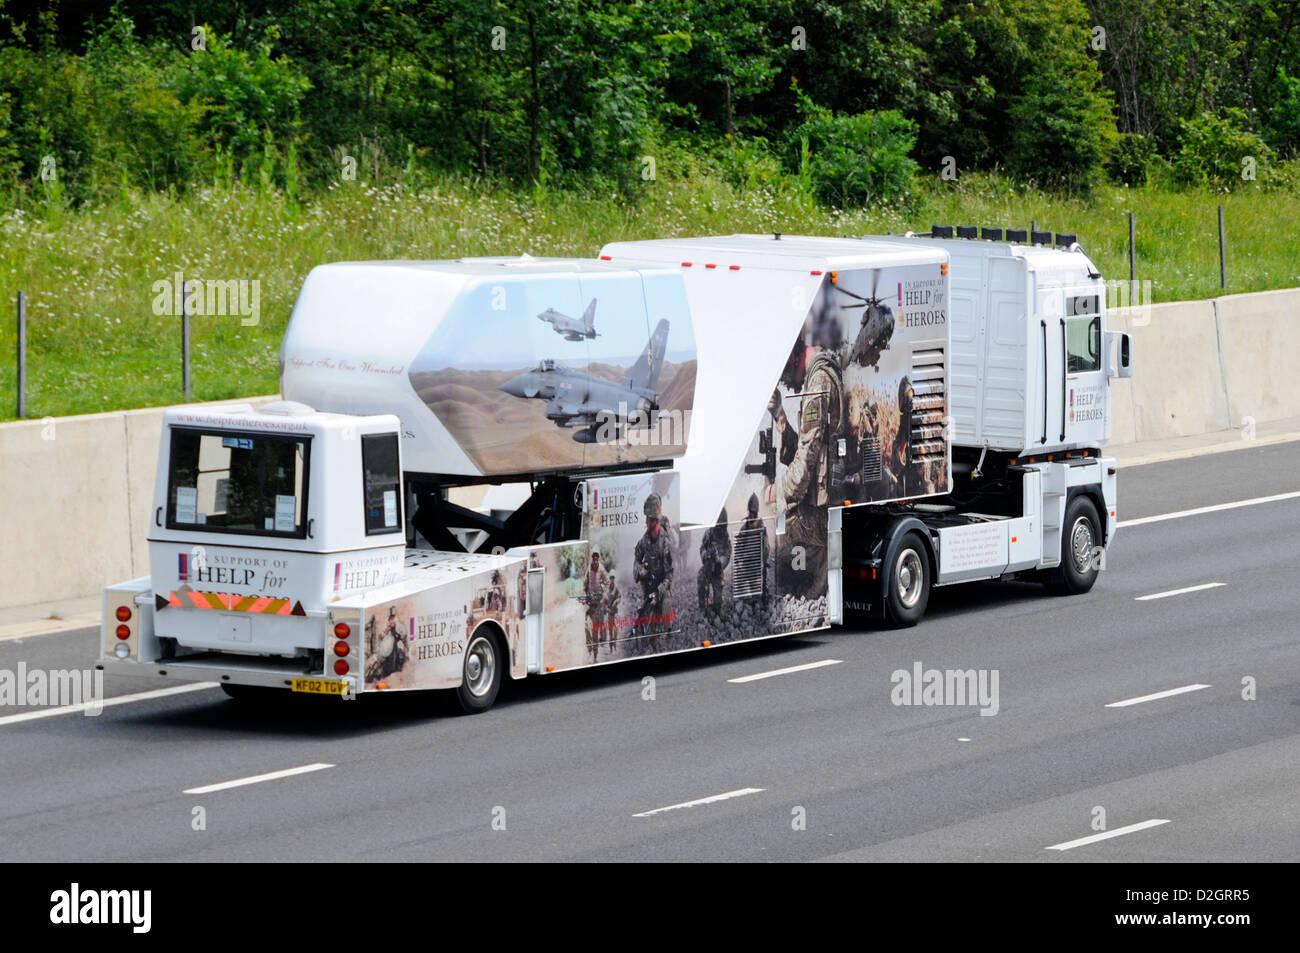 Événement de bienfaisance véhicule d'assistance pour obtenir de l'aide aux héros voyageant Photo Stock